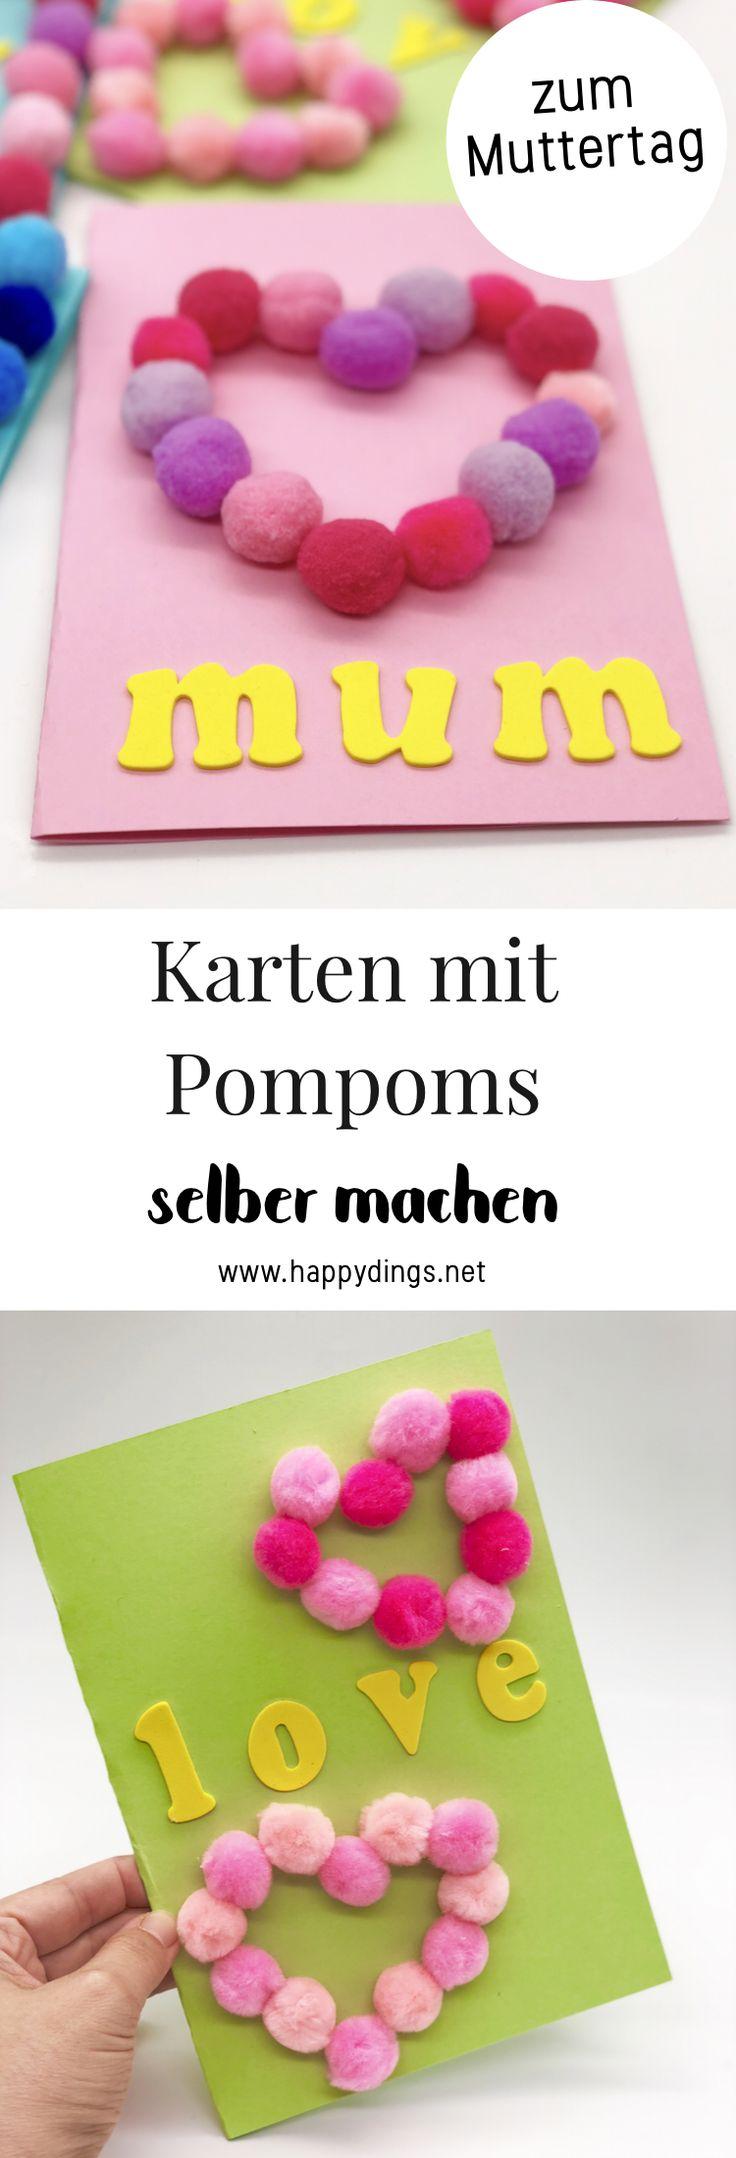 Basteln mit Pompoms – kreative Karten selber machen